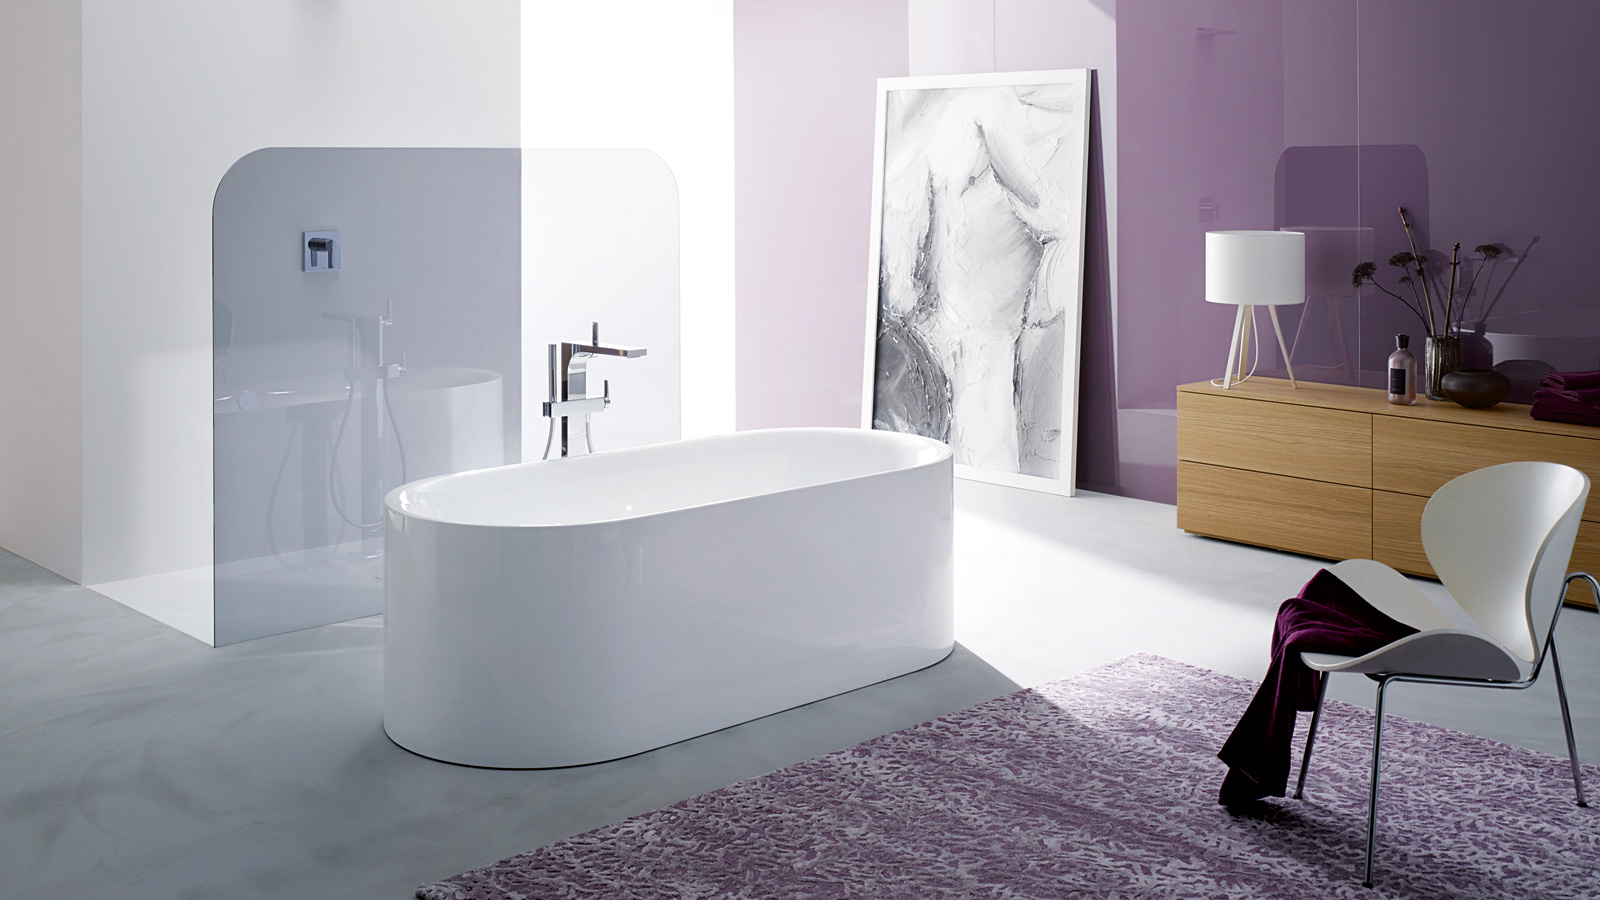 Wir Badplaner Haben Auch Visionen, Wie Ein Qualitätvolles Neues Bad  Aussehen Kann. Aber Welche Visionen Wir Auch Haben, ...